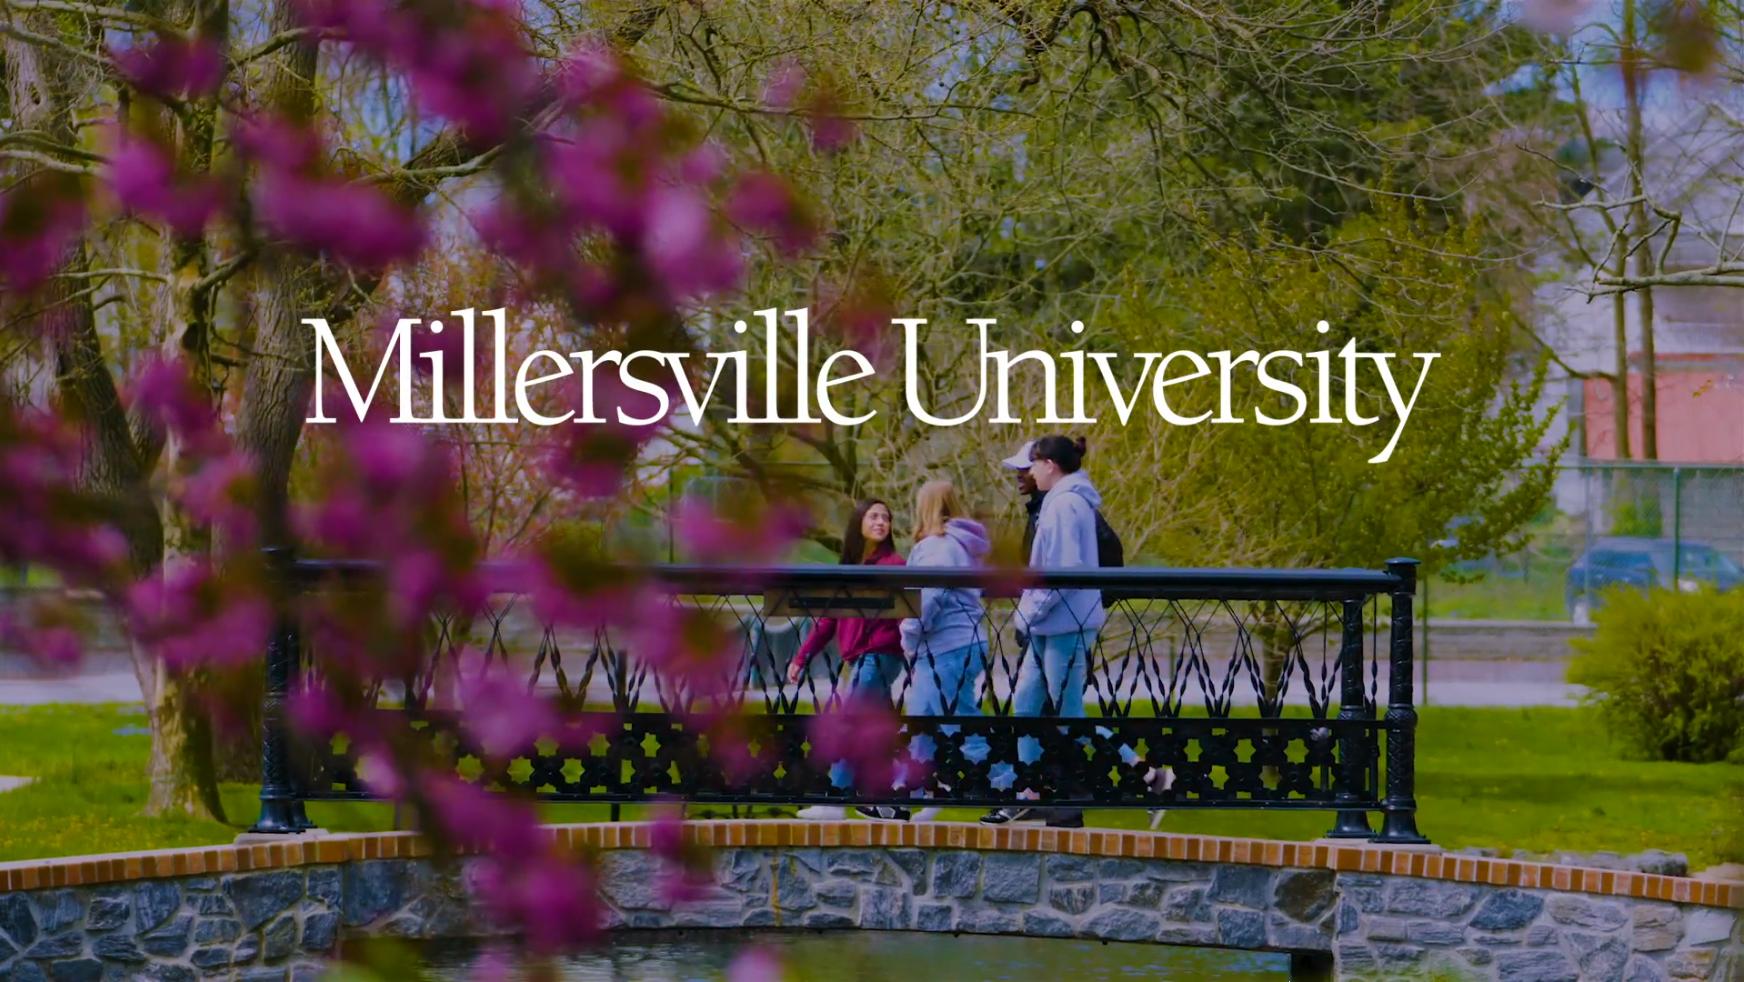 Millersville University Series